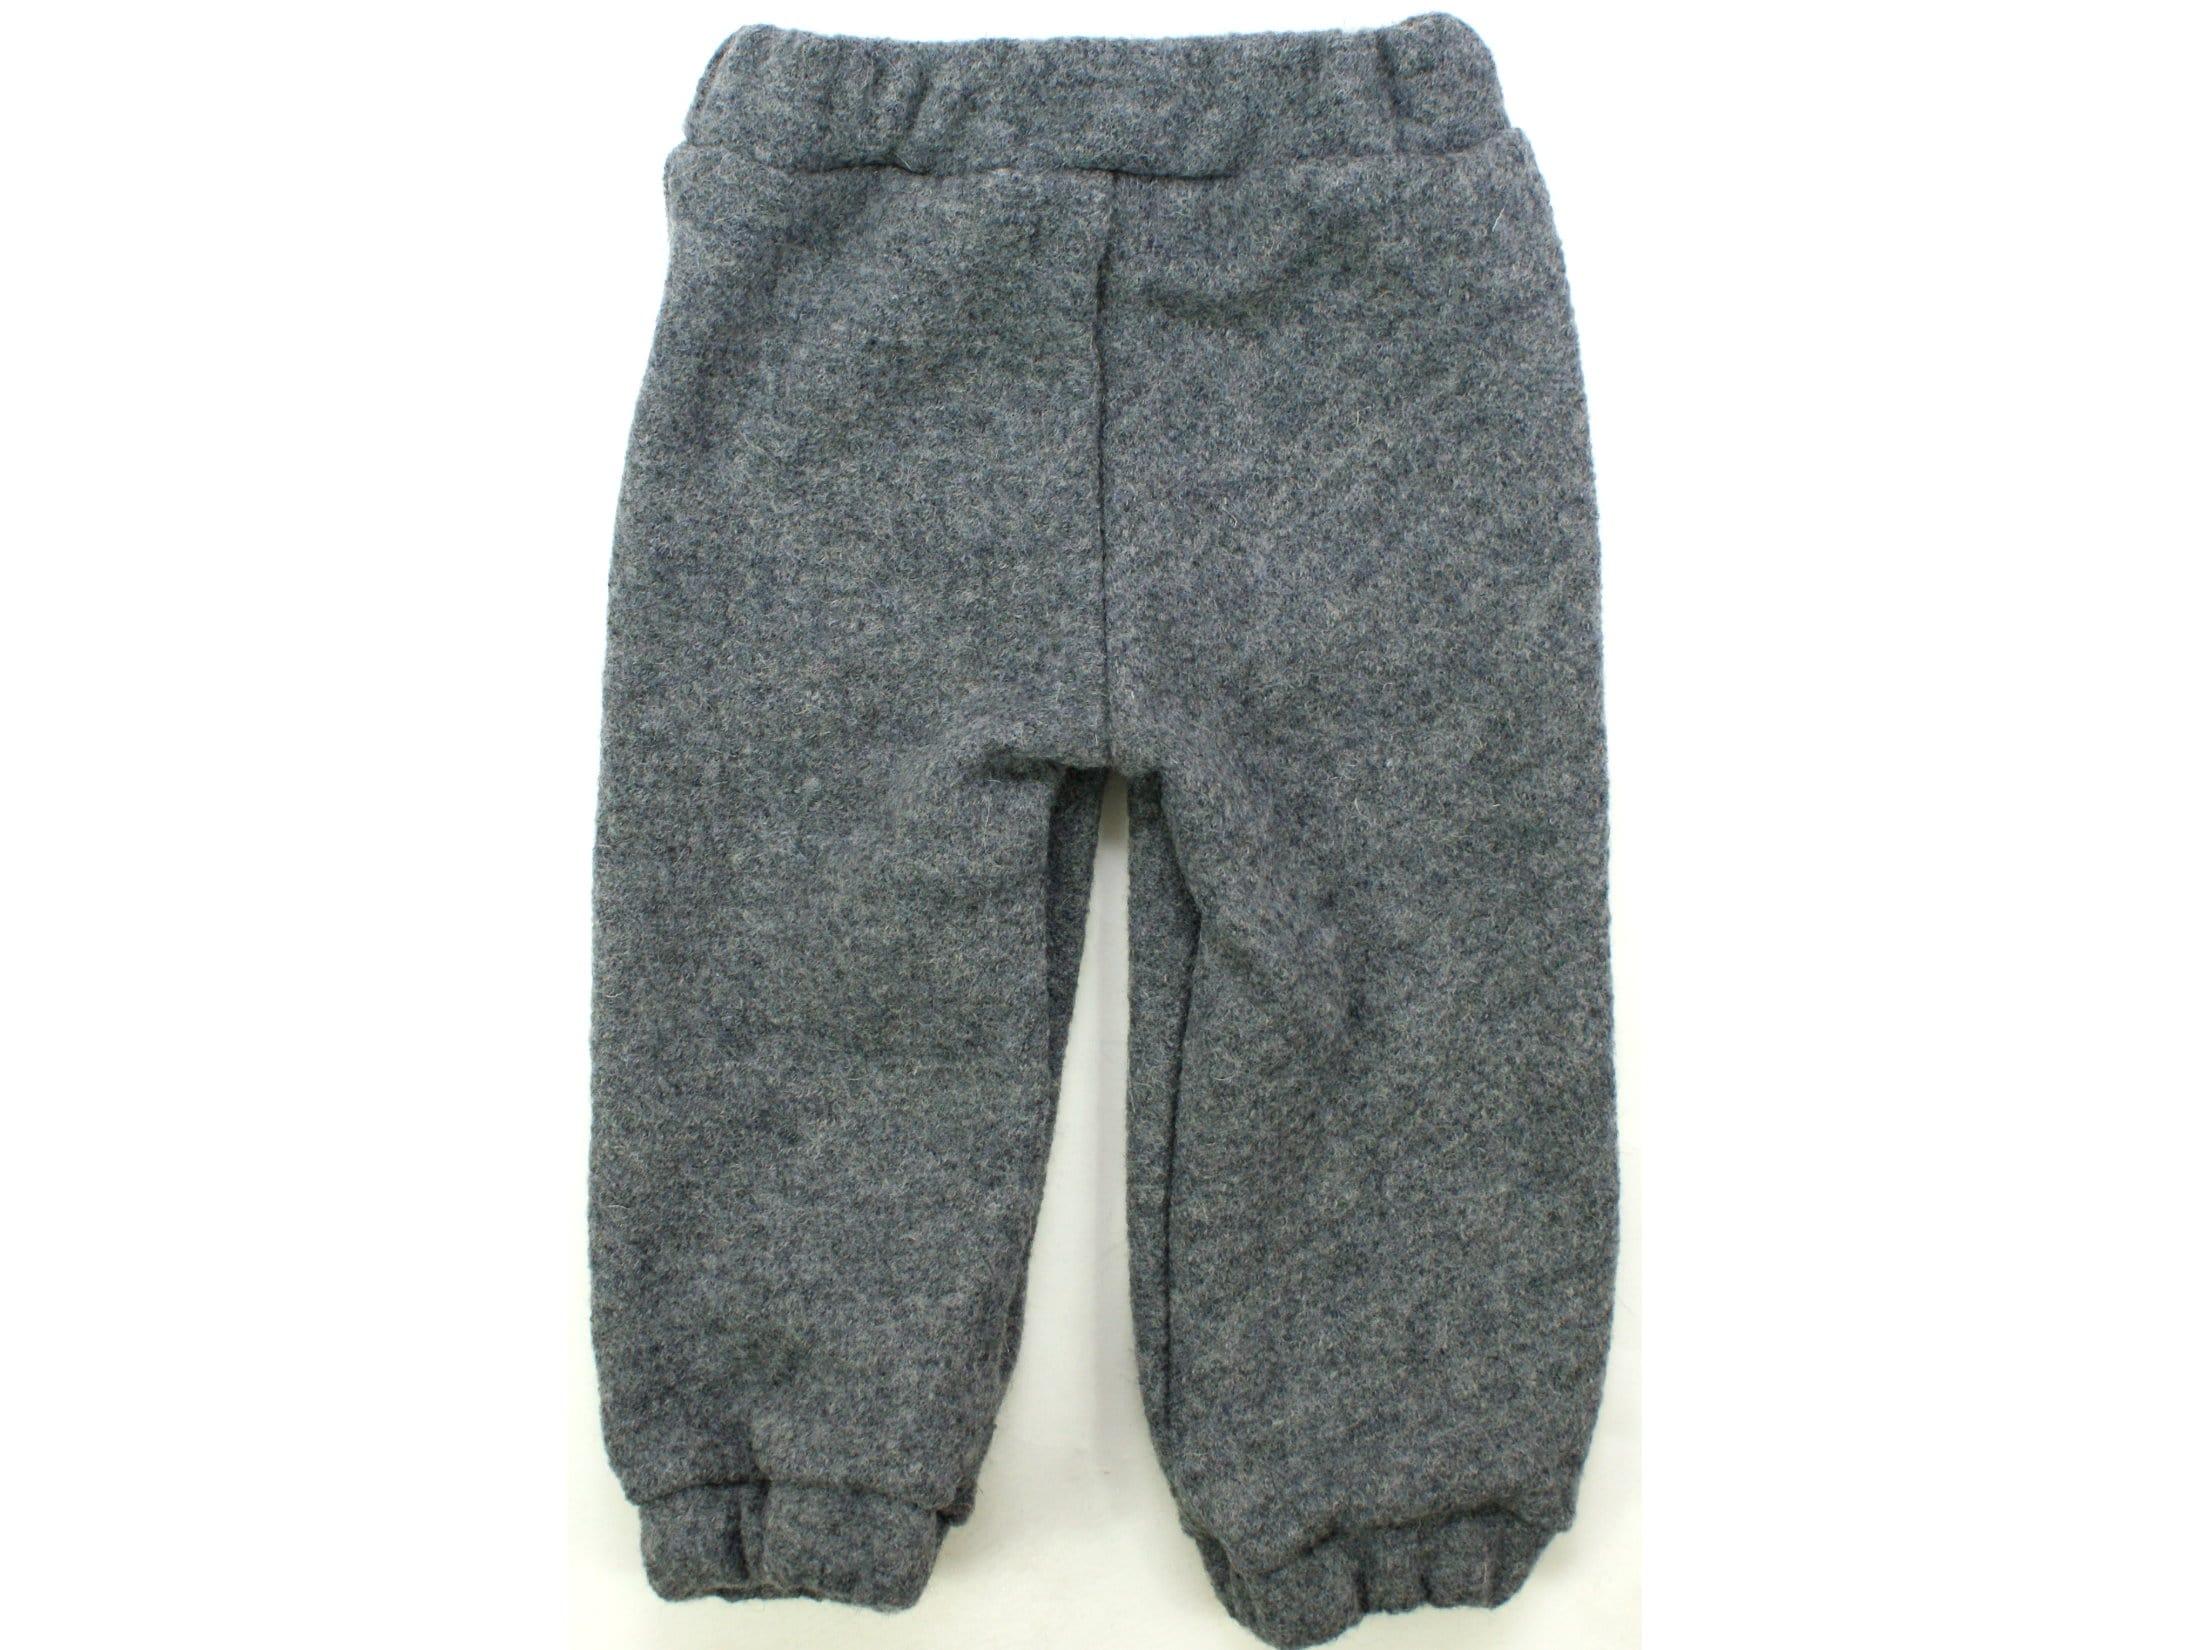 Kinderhose aus Wollwalk in Grau mit Gummizug und Taschen